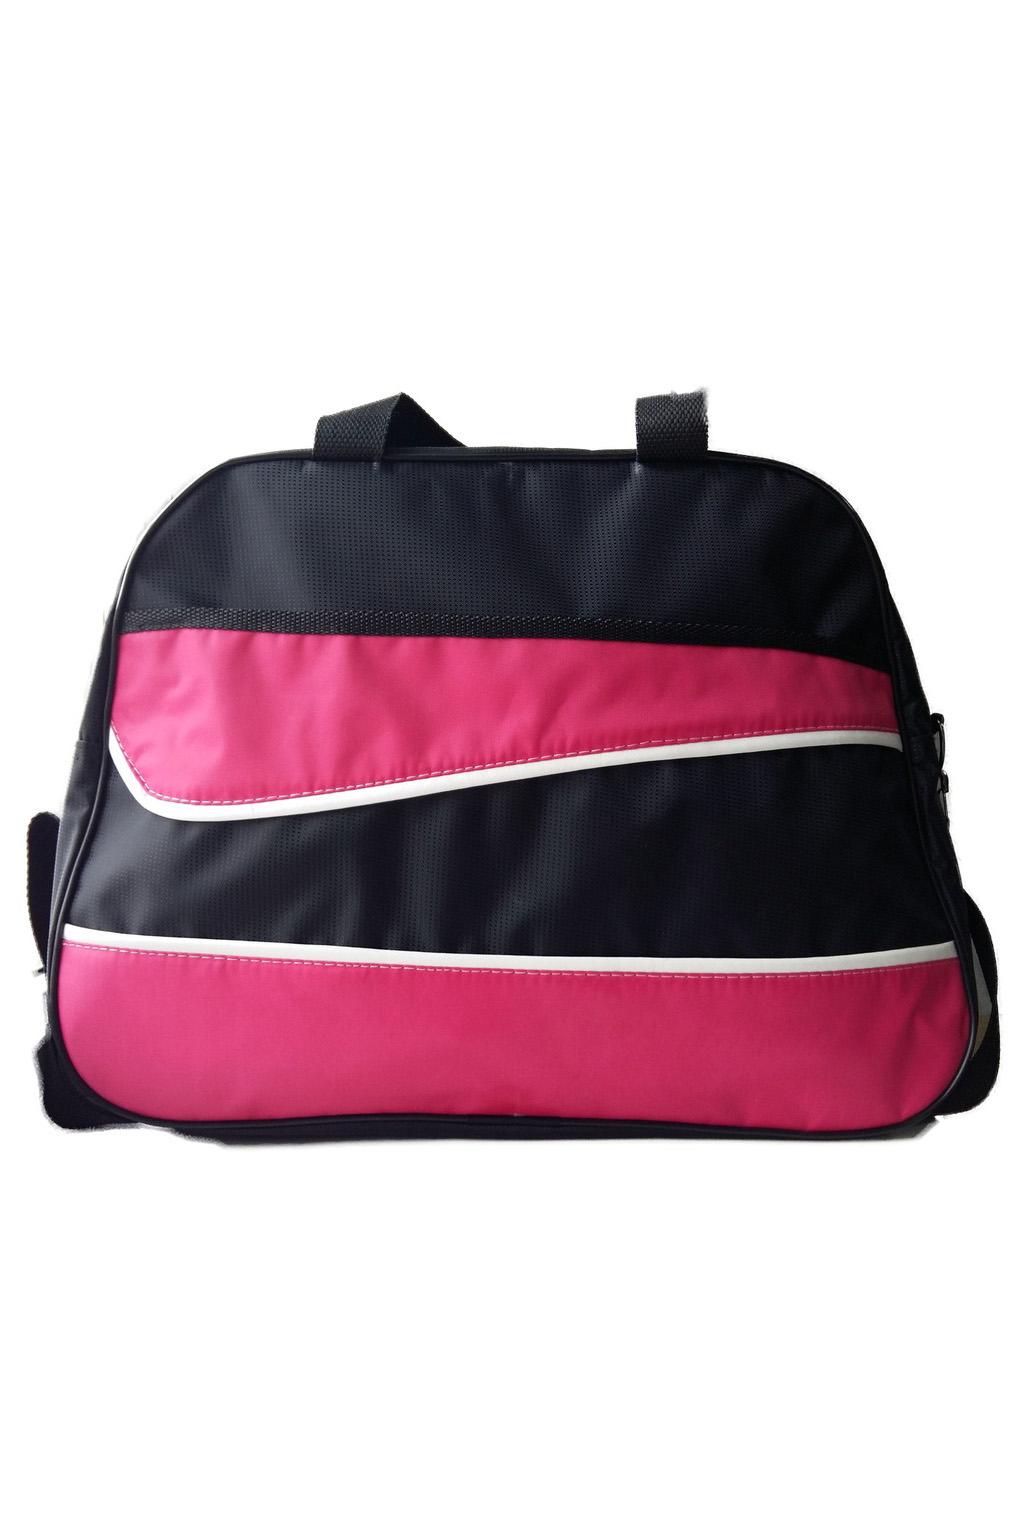 Спортивная сумкаСпортивные<br>Удобная и вместительная спортивная сумка.  Размер: 43*31*22 см.  В изделии использованы цвета: черный, розовый<br><br>По материалу: Тканевые<br>По рисунку: Цветные<br>По силуэту стенок: Трапециевидные<br>По степени жесткости: Мягкие<br>По типу застежки: С застежкой молнией<br>По сезону: Всесезон<br>Ручки: Короткие<br>Размер : UNI<br>Материал: Полиэстер<br>Количество в наличии: 2